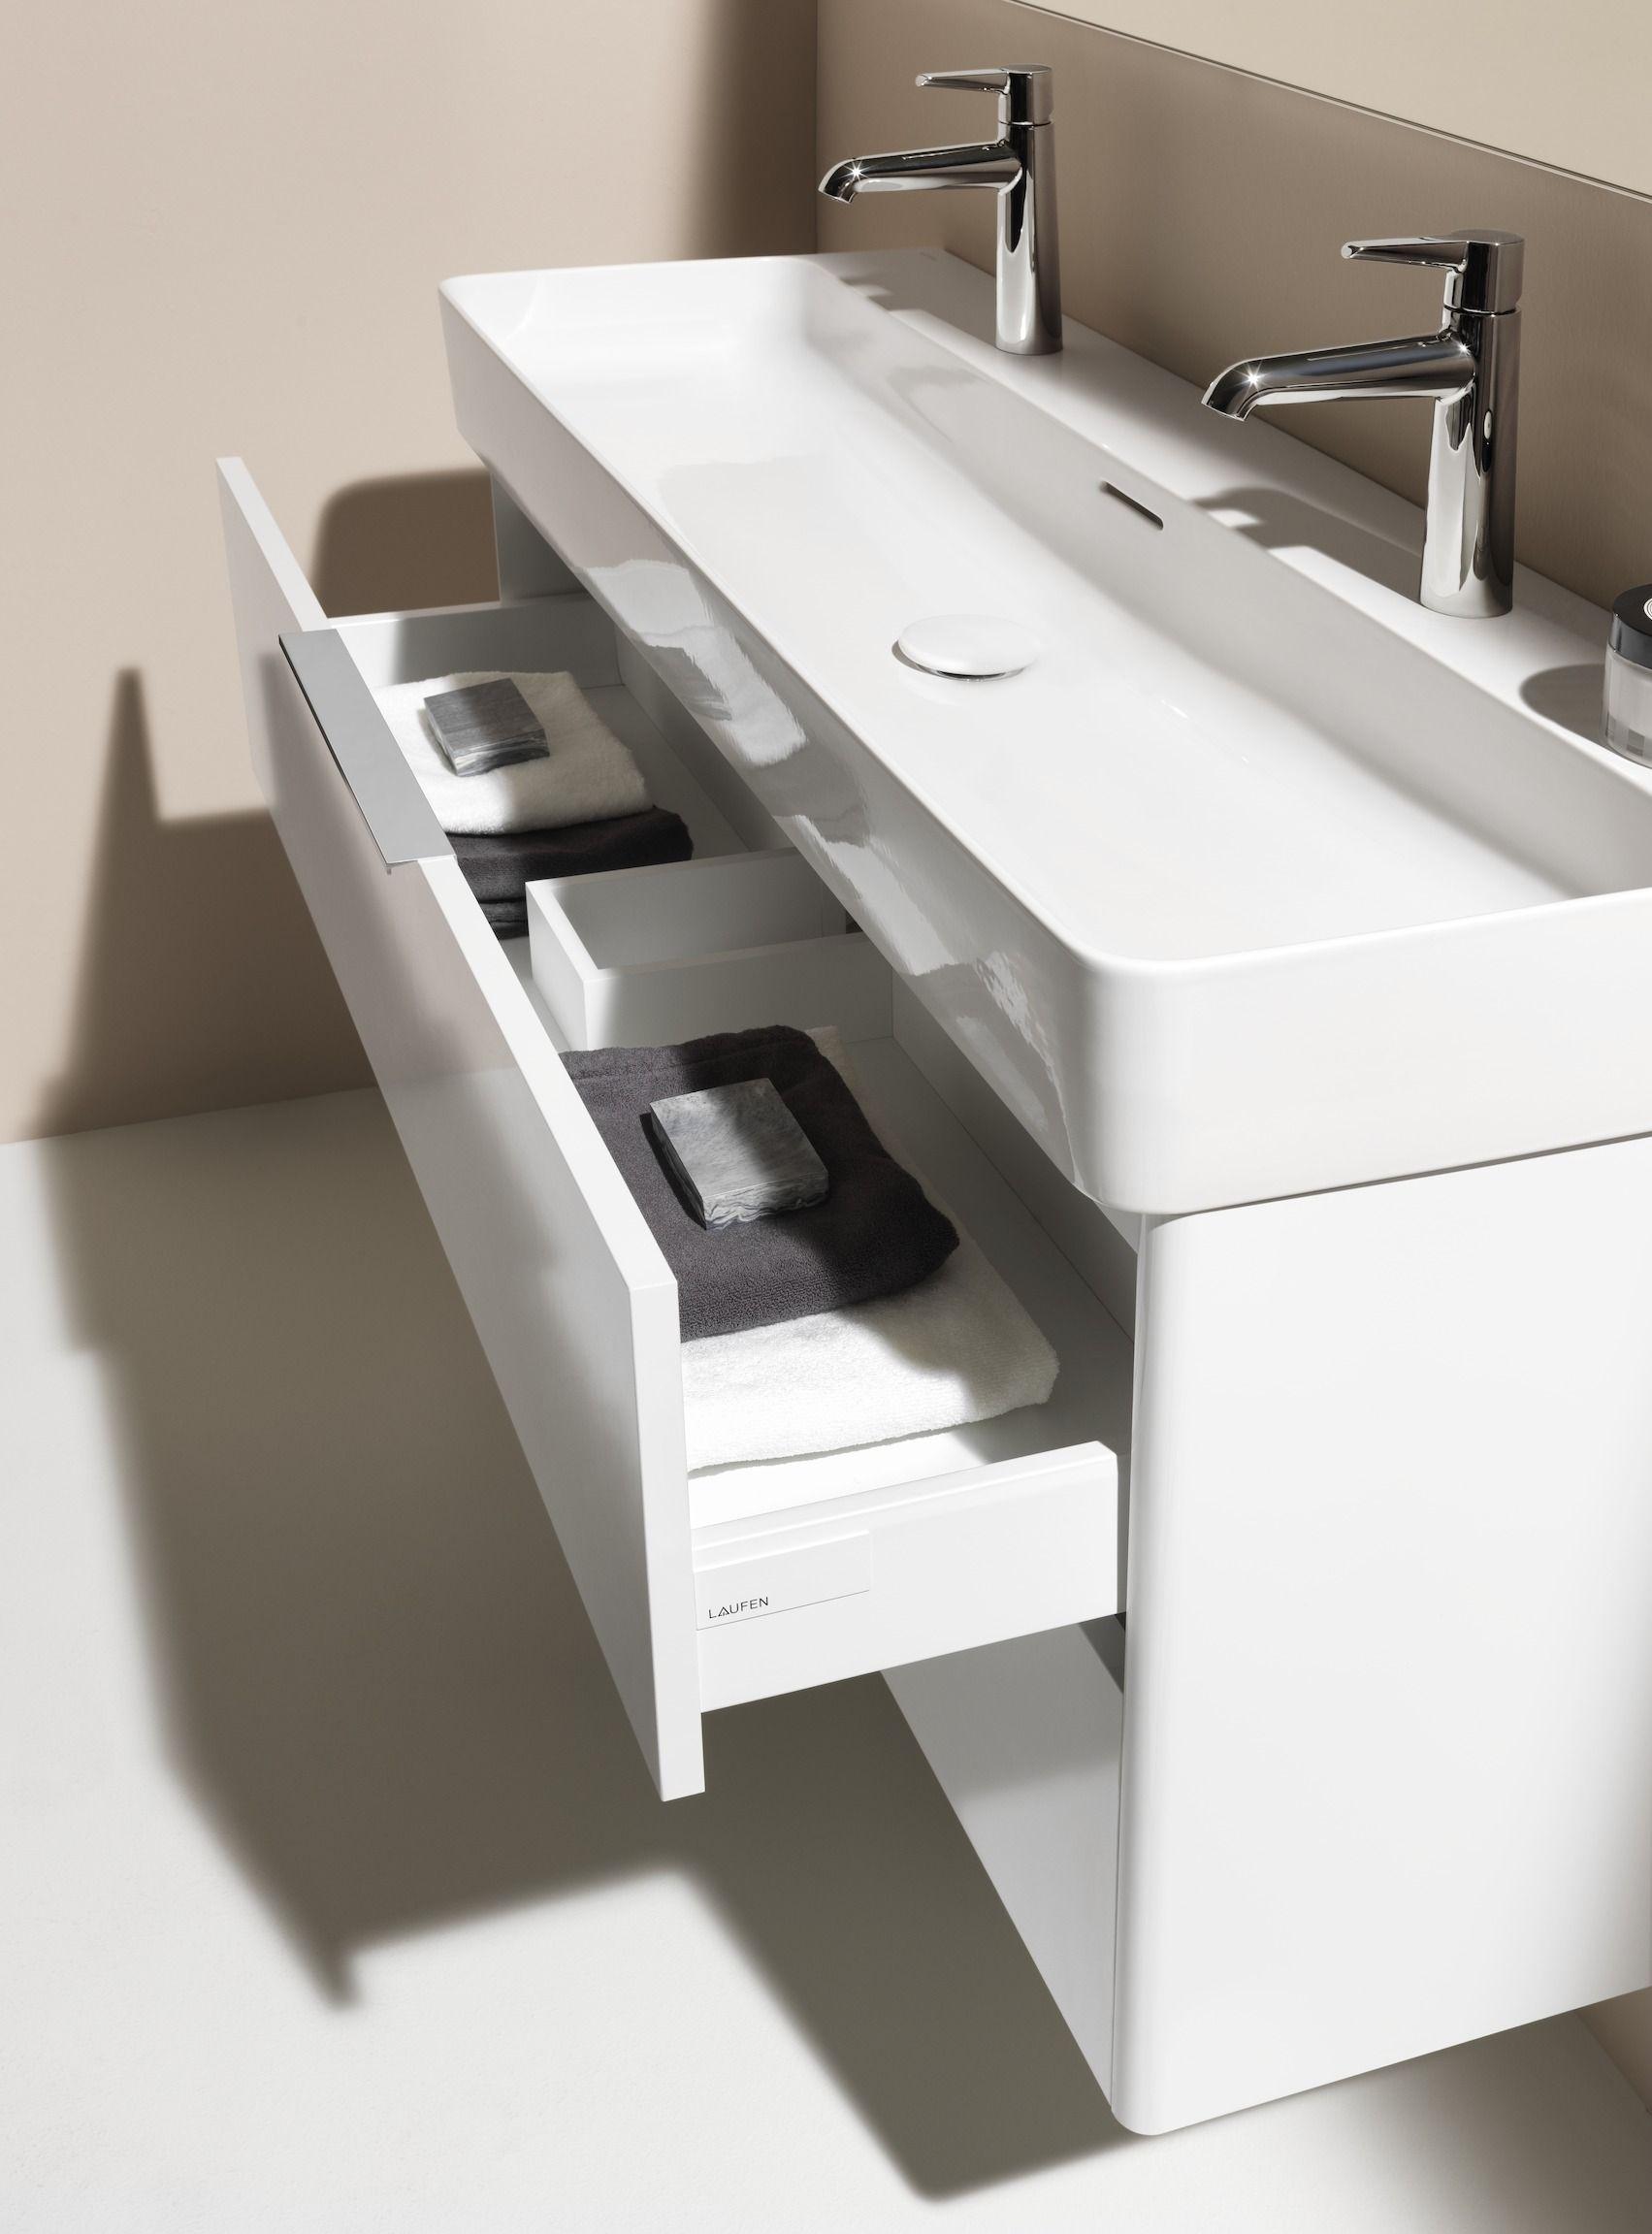 Laufen Base F R Val Waschtischunterschrank 2 Schubladen F R Waschtisch 810289 Waschtisch Waschtischunterschrank Doppelwaschtisch